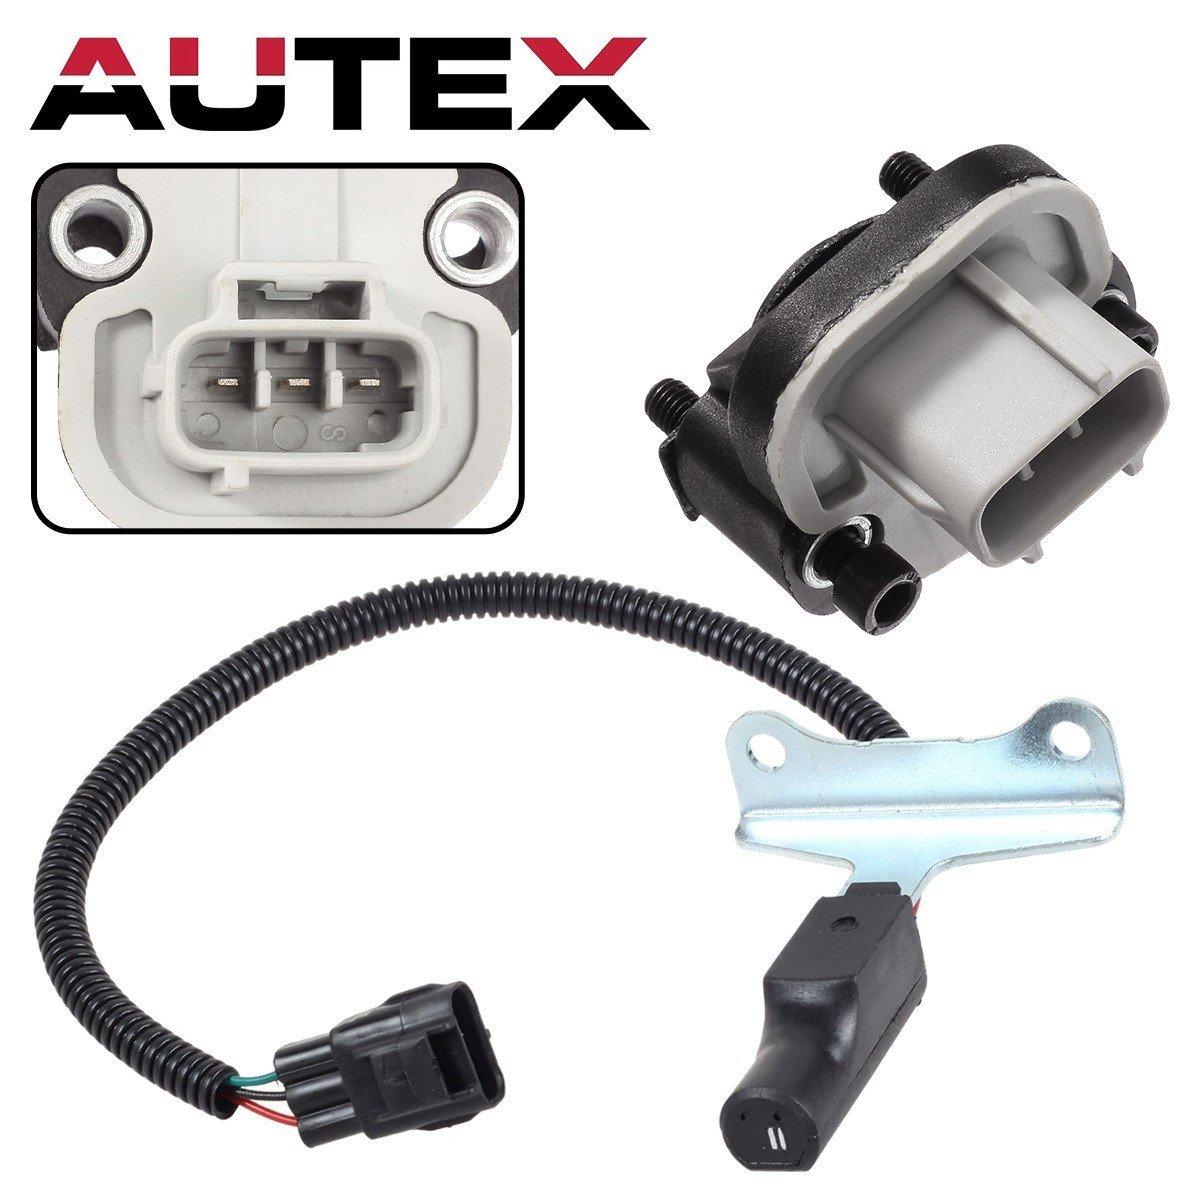 AUTEX 1pc Throttle Position Sensor & Crankshaft Position Sensor PC127 TH190 compatible w/Dodge B1500 B2500 B3500 Dakota Durango Ram 1500/1500 Van 2500/2500 Van 3500/3500 Van Jeep Grand Cherokee